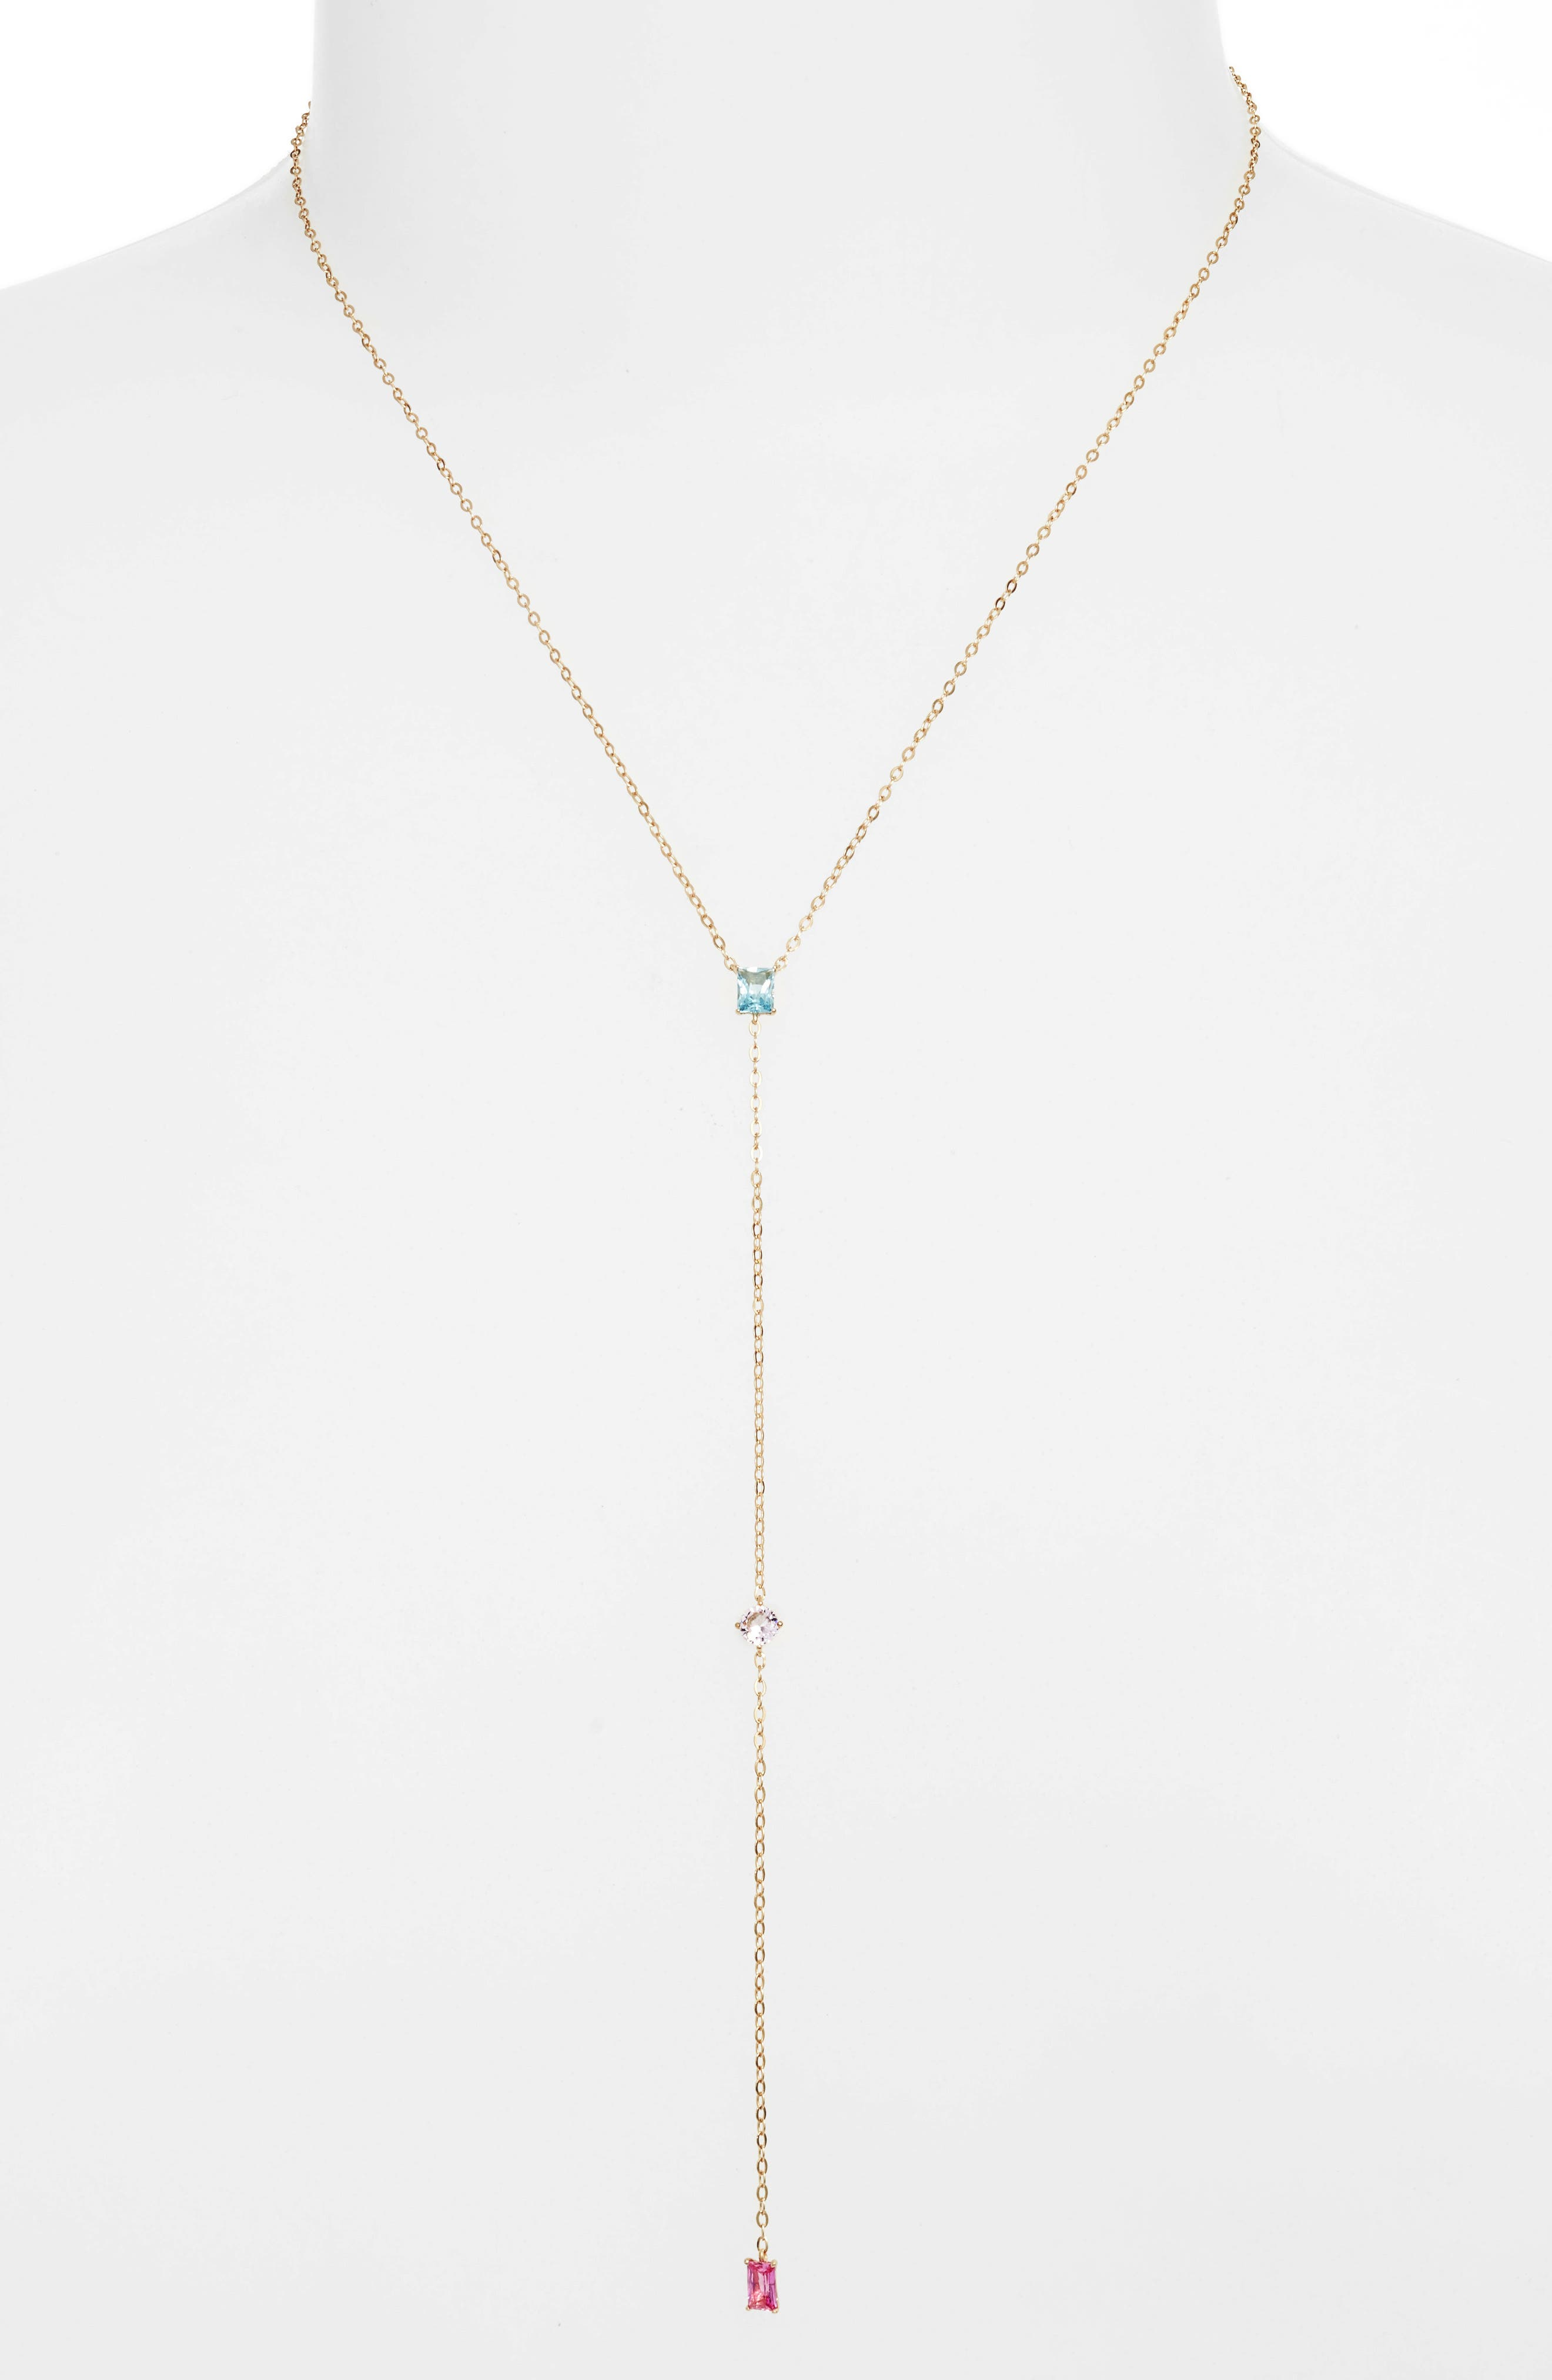 Tier Pendant Necklace,                         Main,                         color, Gold